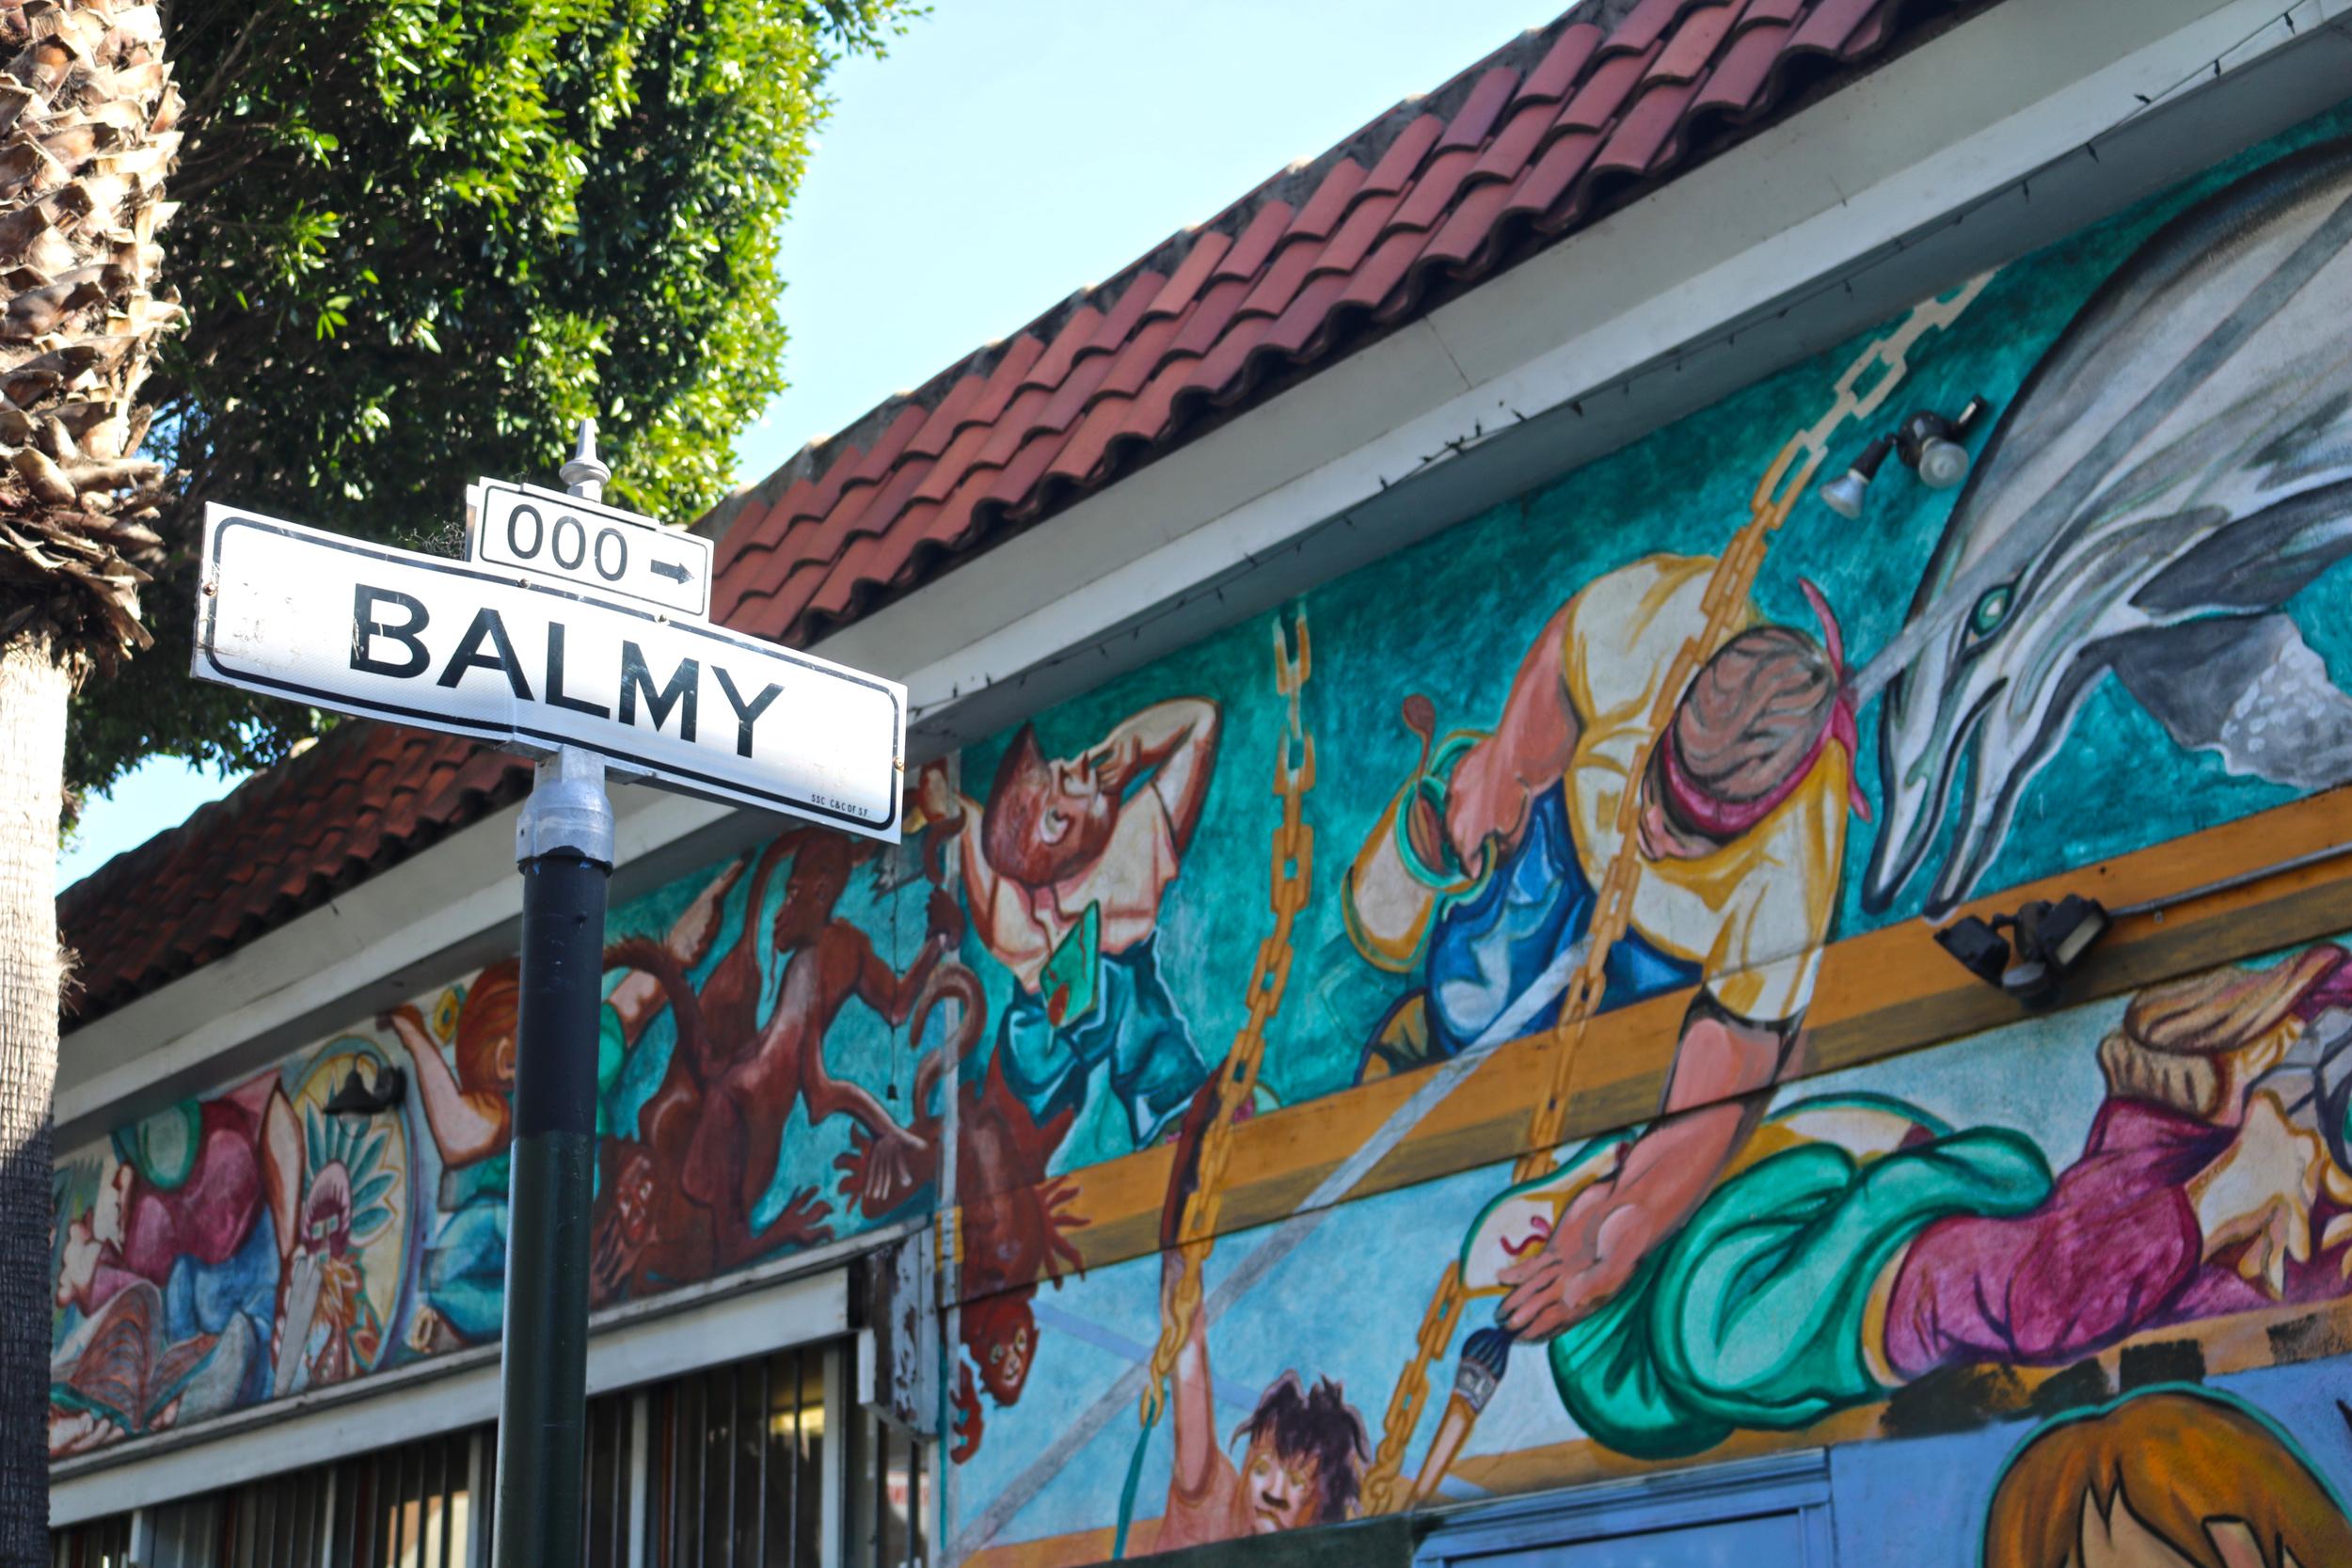 balmy-alley-murals.jpg